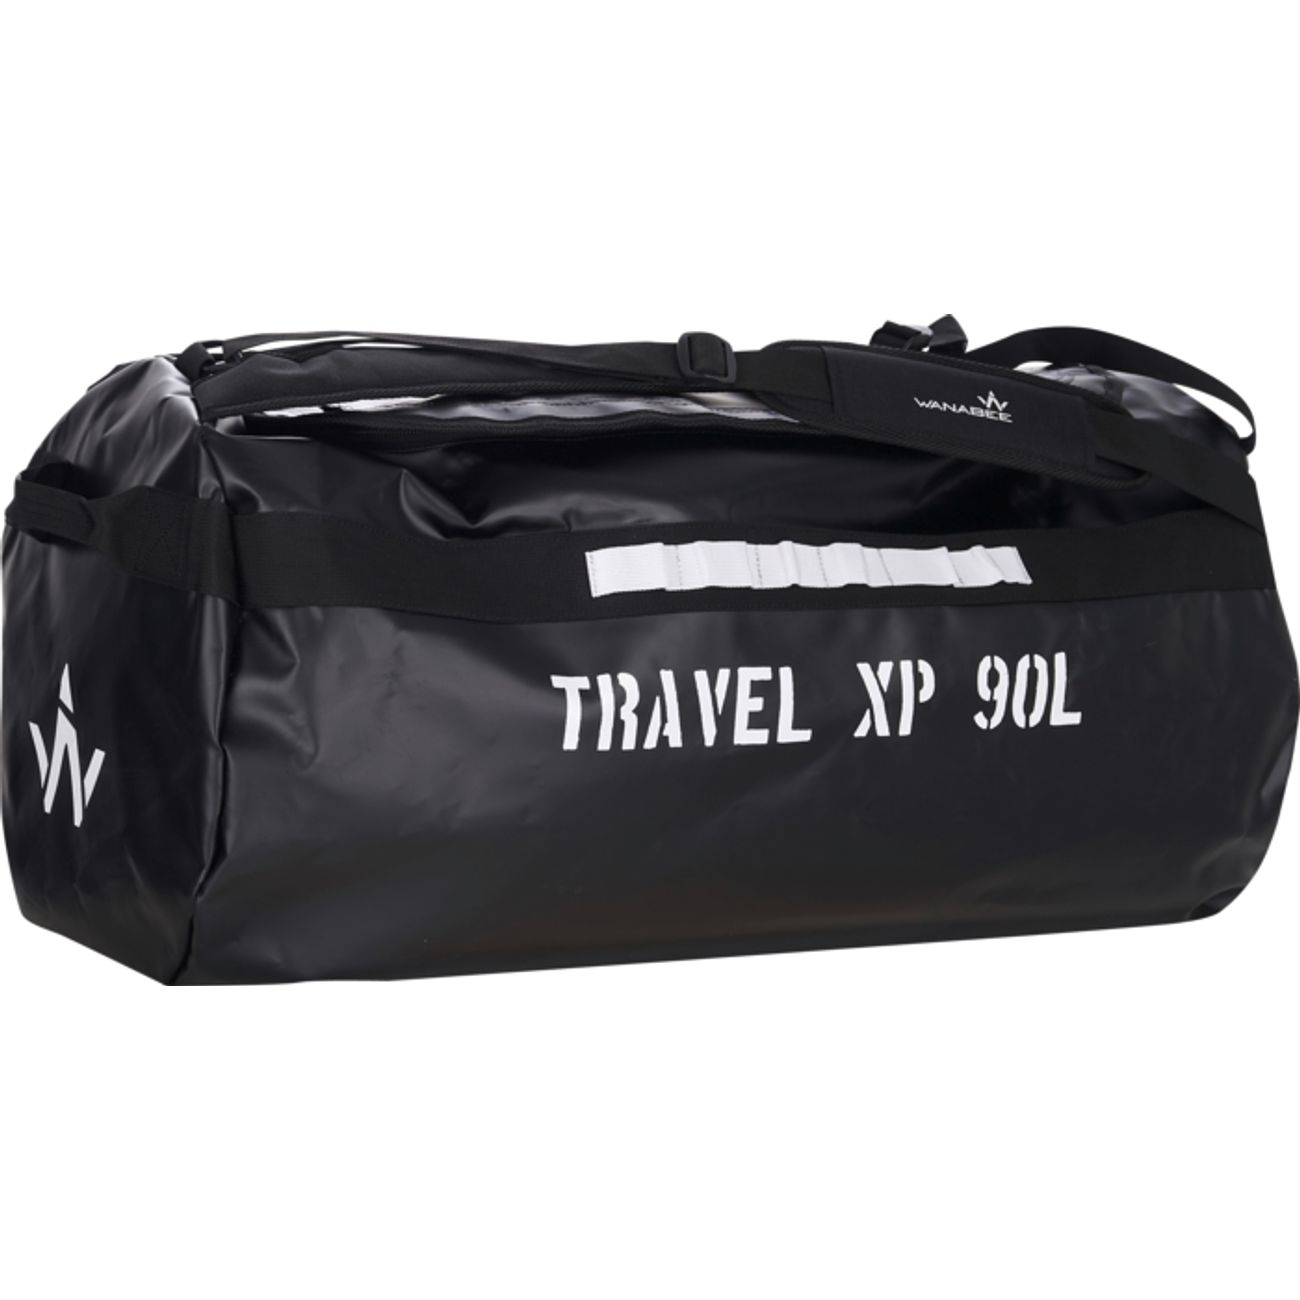 SAC DE VOYAGE Voyage mixte WANABEE TRAVEL XP 90, NOIR